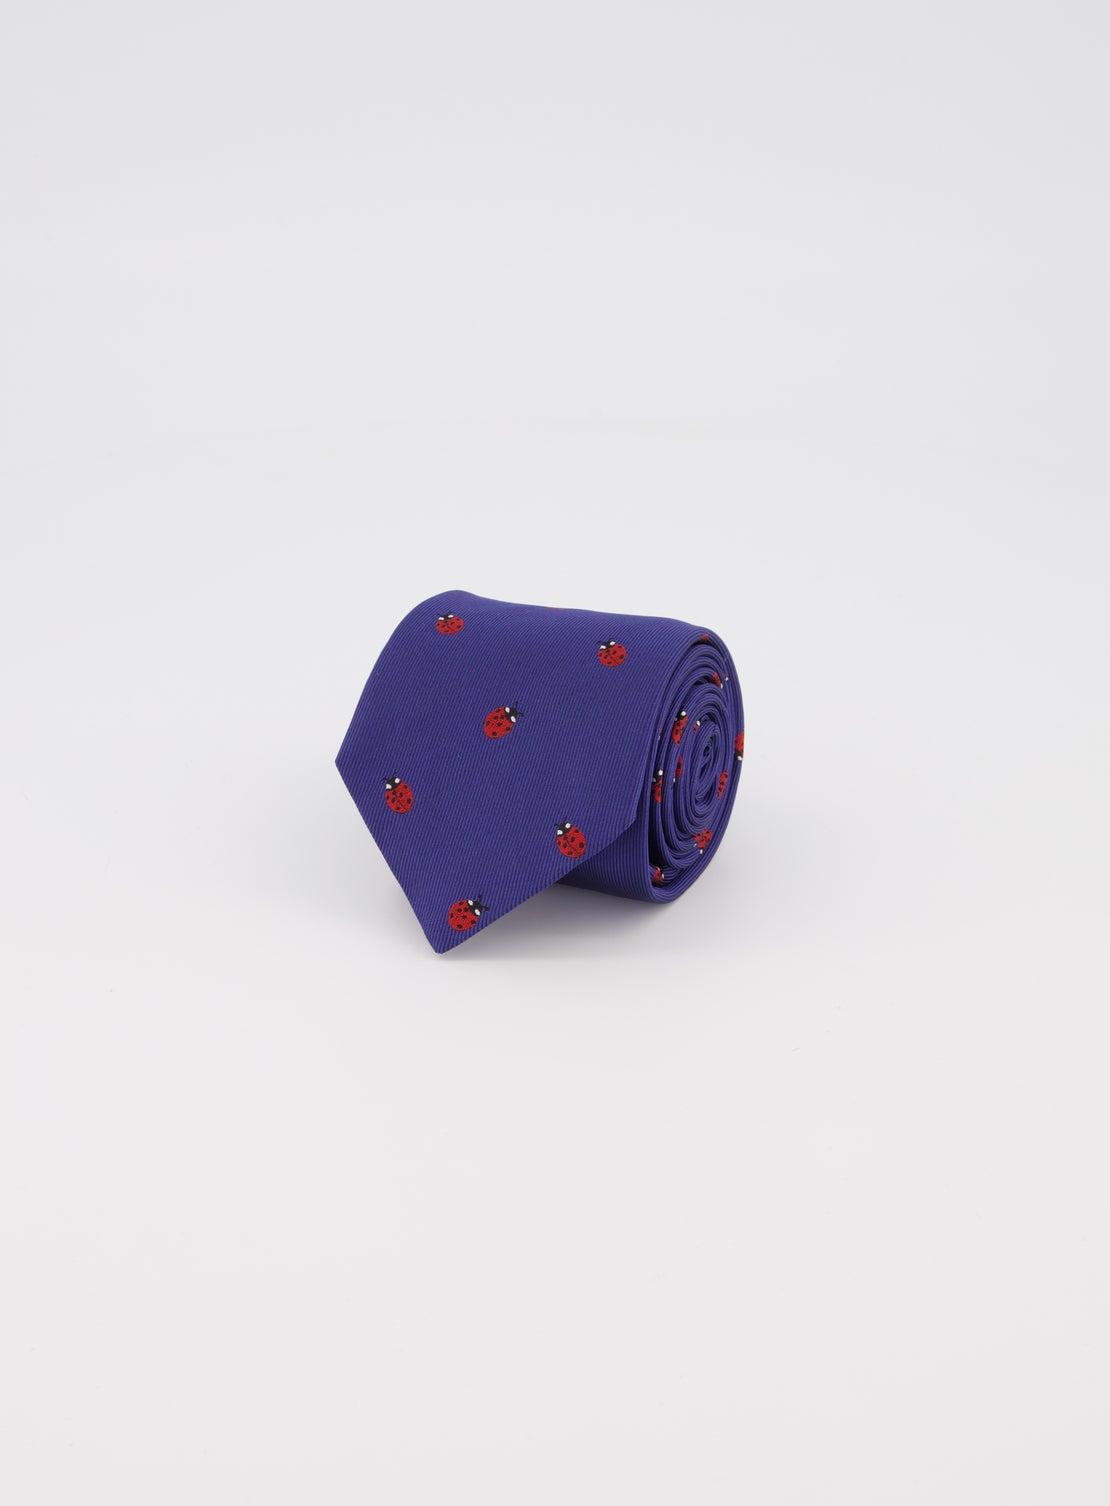 Navy with Ladybird Design Tie